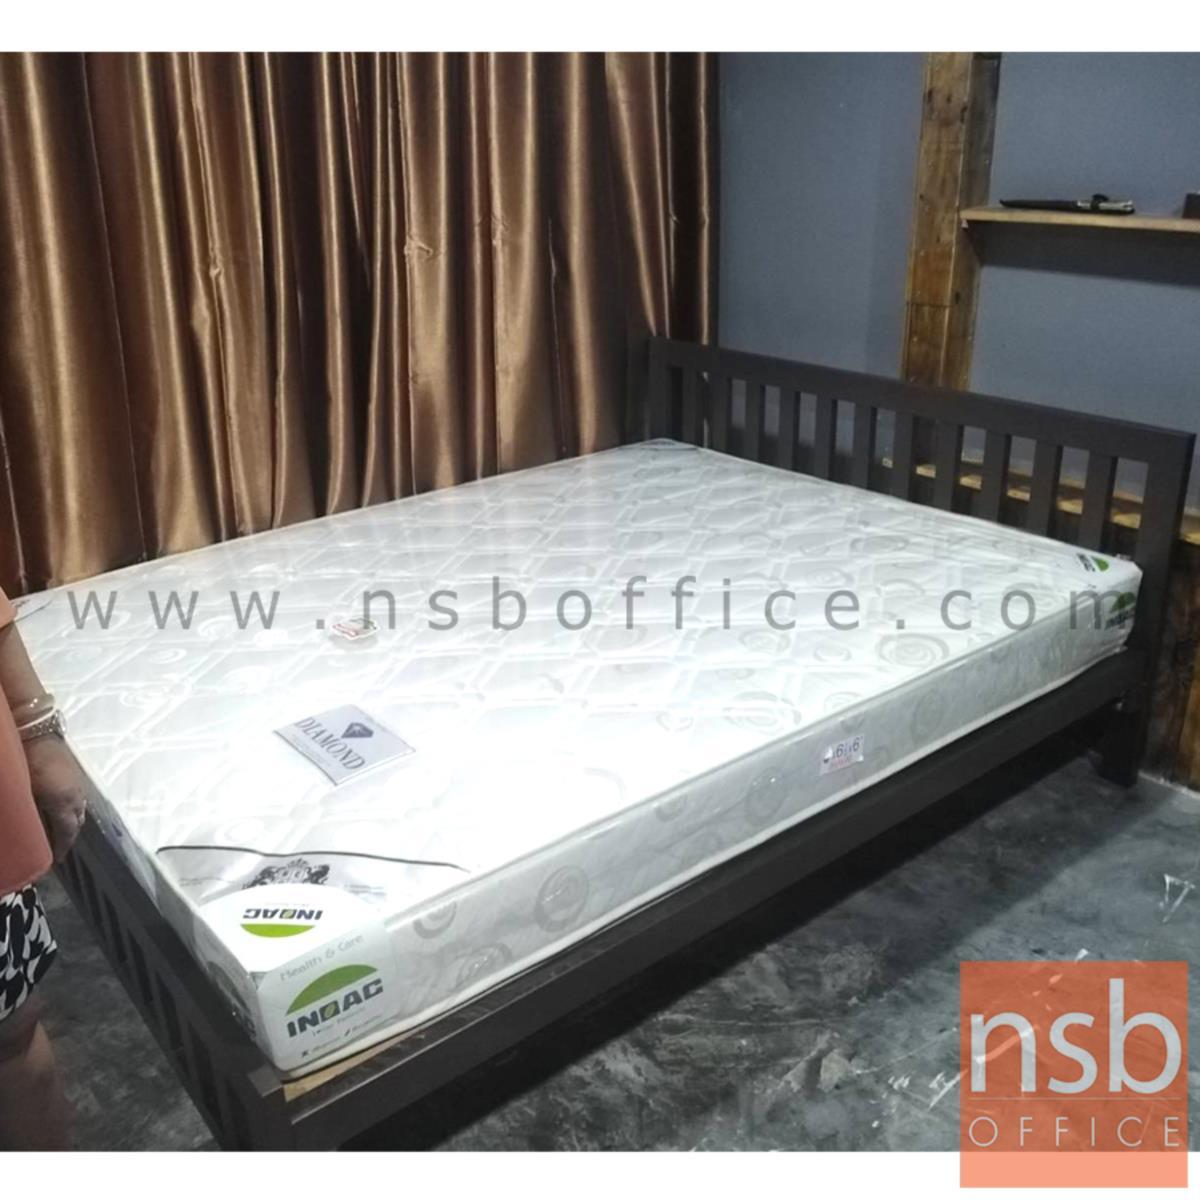 เตียงเหล็กเหลี่ยมหัวระแนงแนวตั้ง  ขนาด 3.5, 5 และ 6 ฟุต (รับประกันสินค้า 5 ปี)